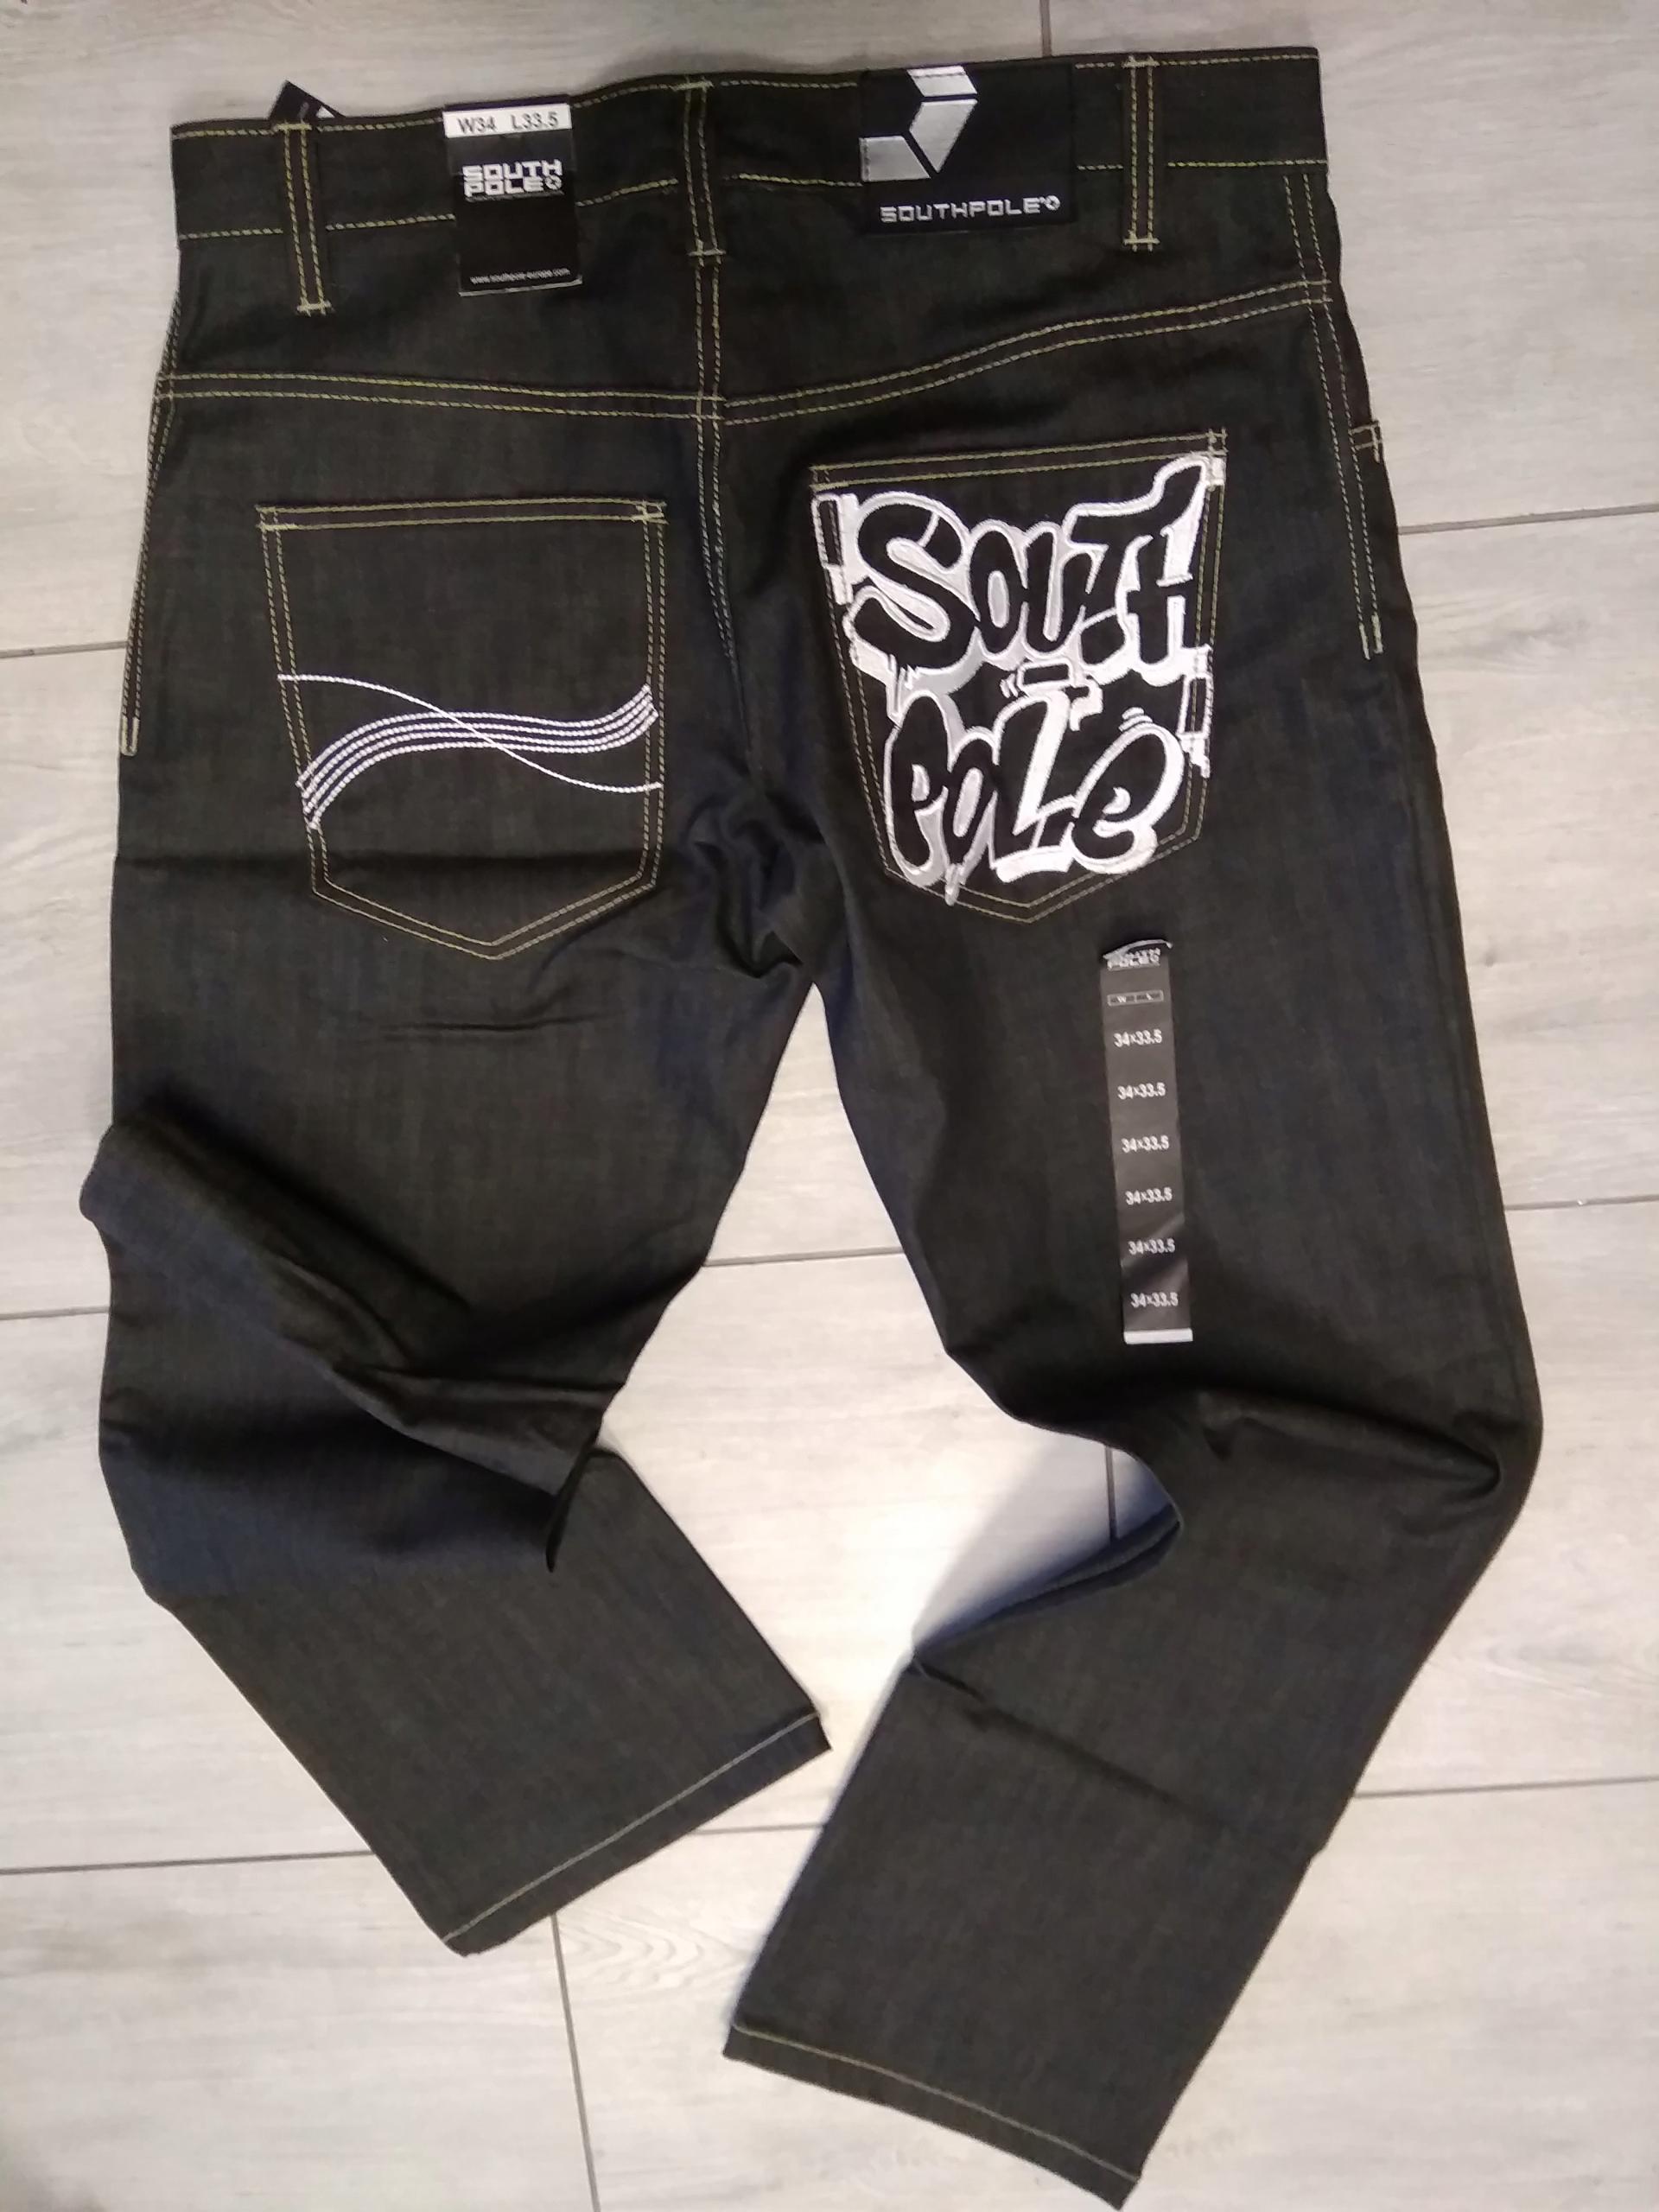 spodnie jeans south pole 34 m l nowe skate mass dc